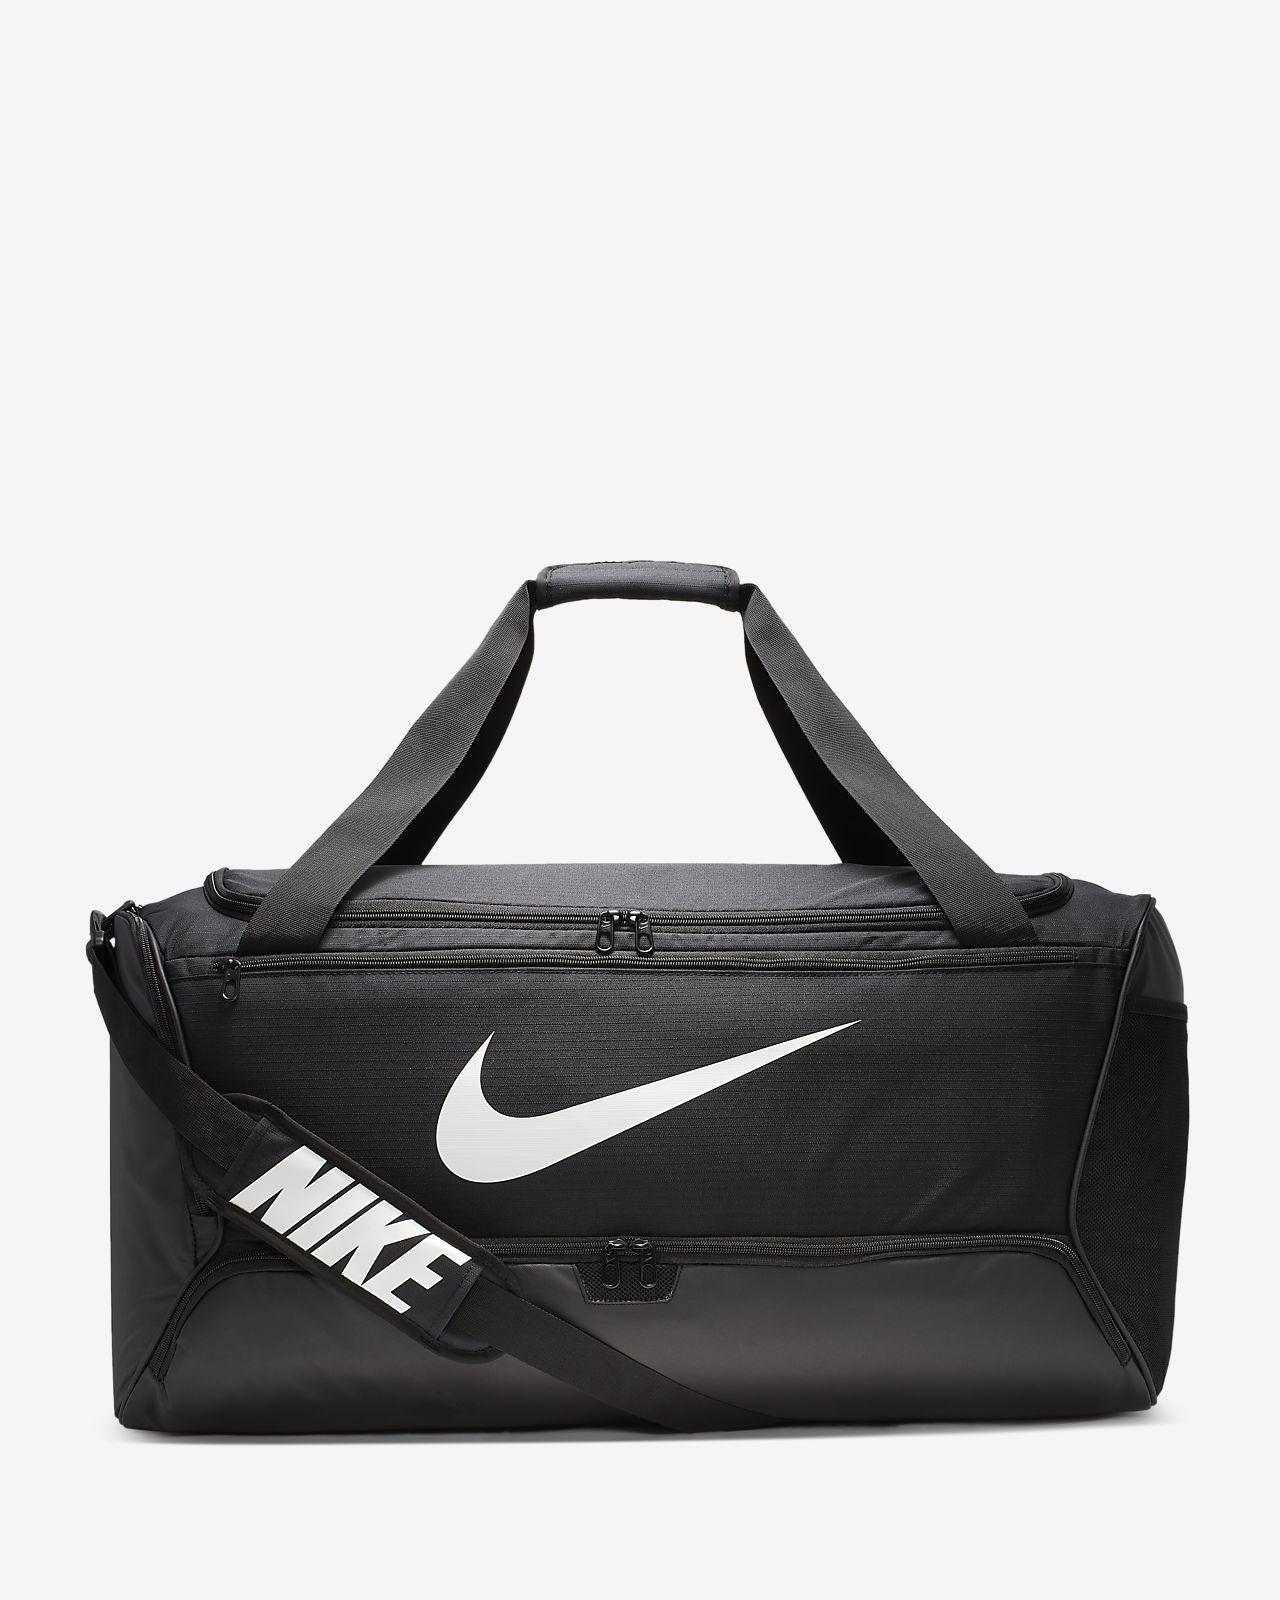 Nike Brasilia Training Duffle Bag (Large)